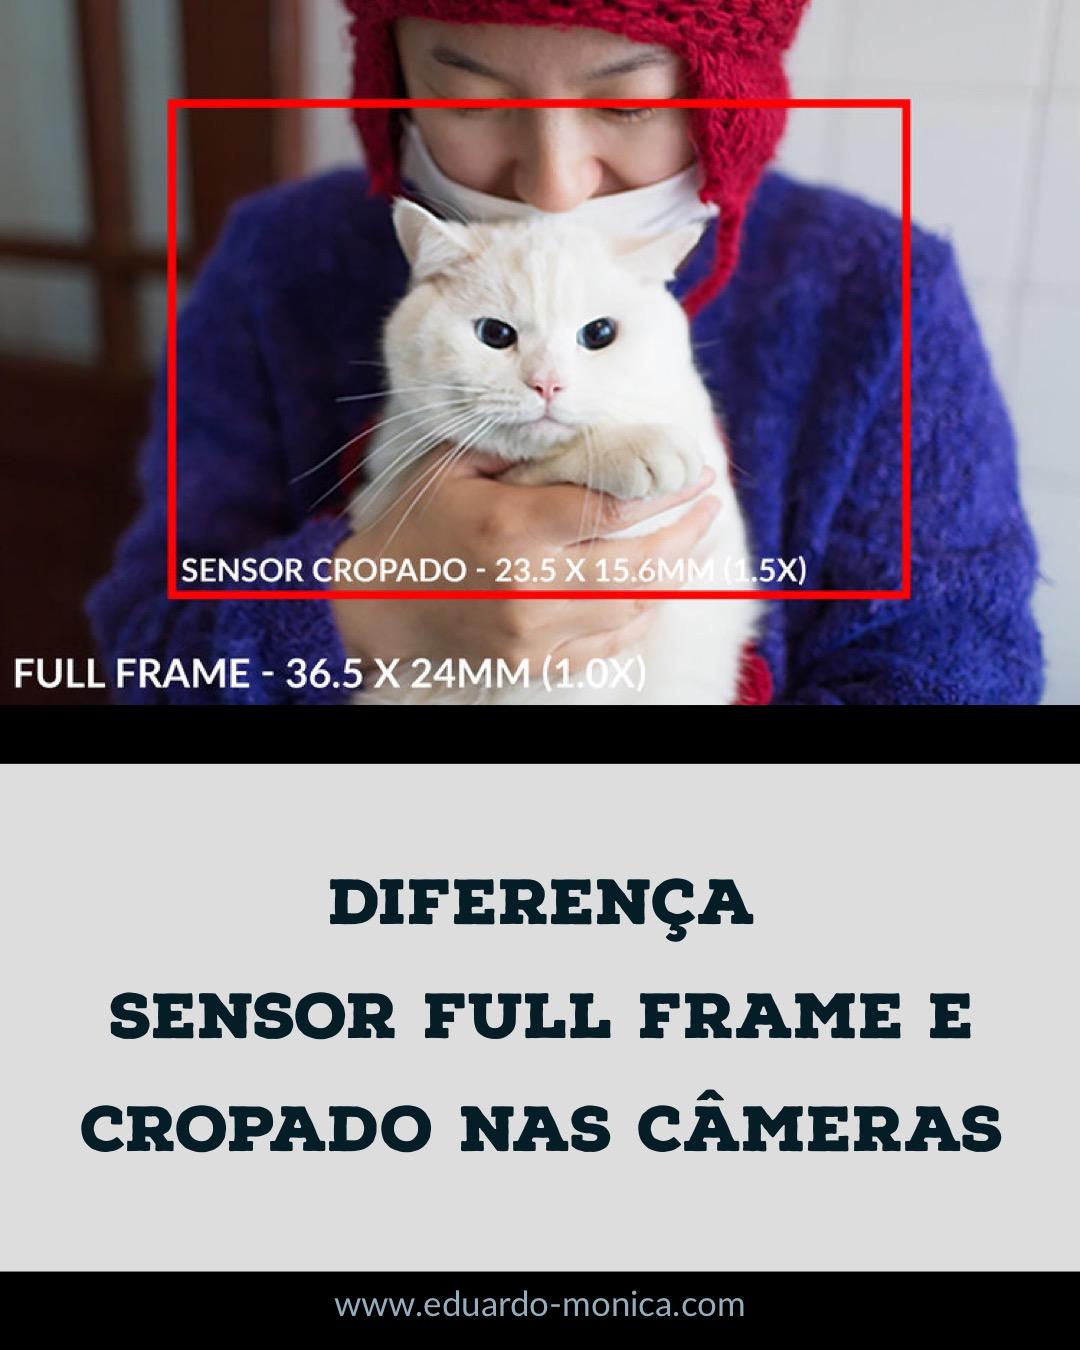 Diferença da Sensor Full Frame e Cropado nas Câmeras